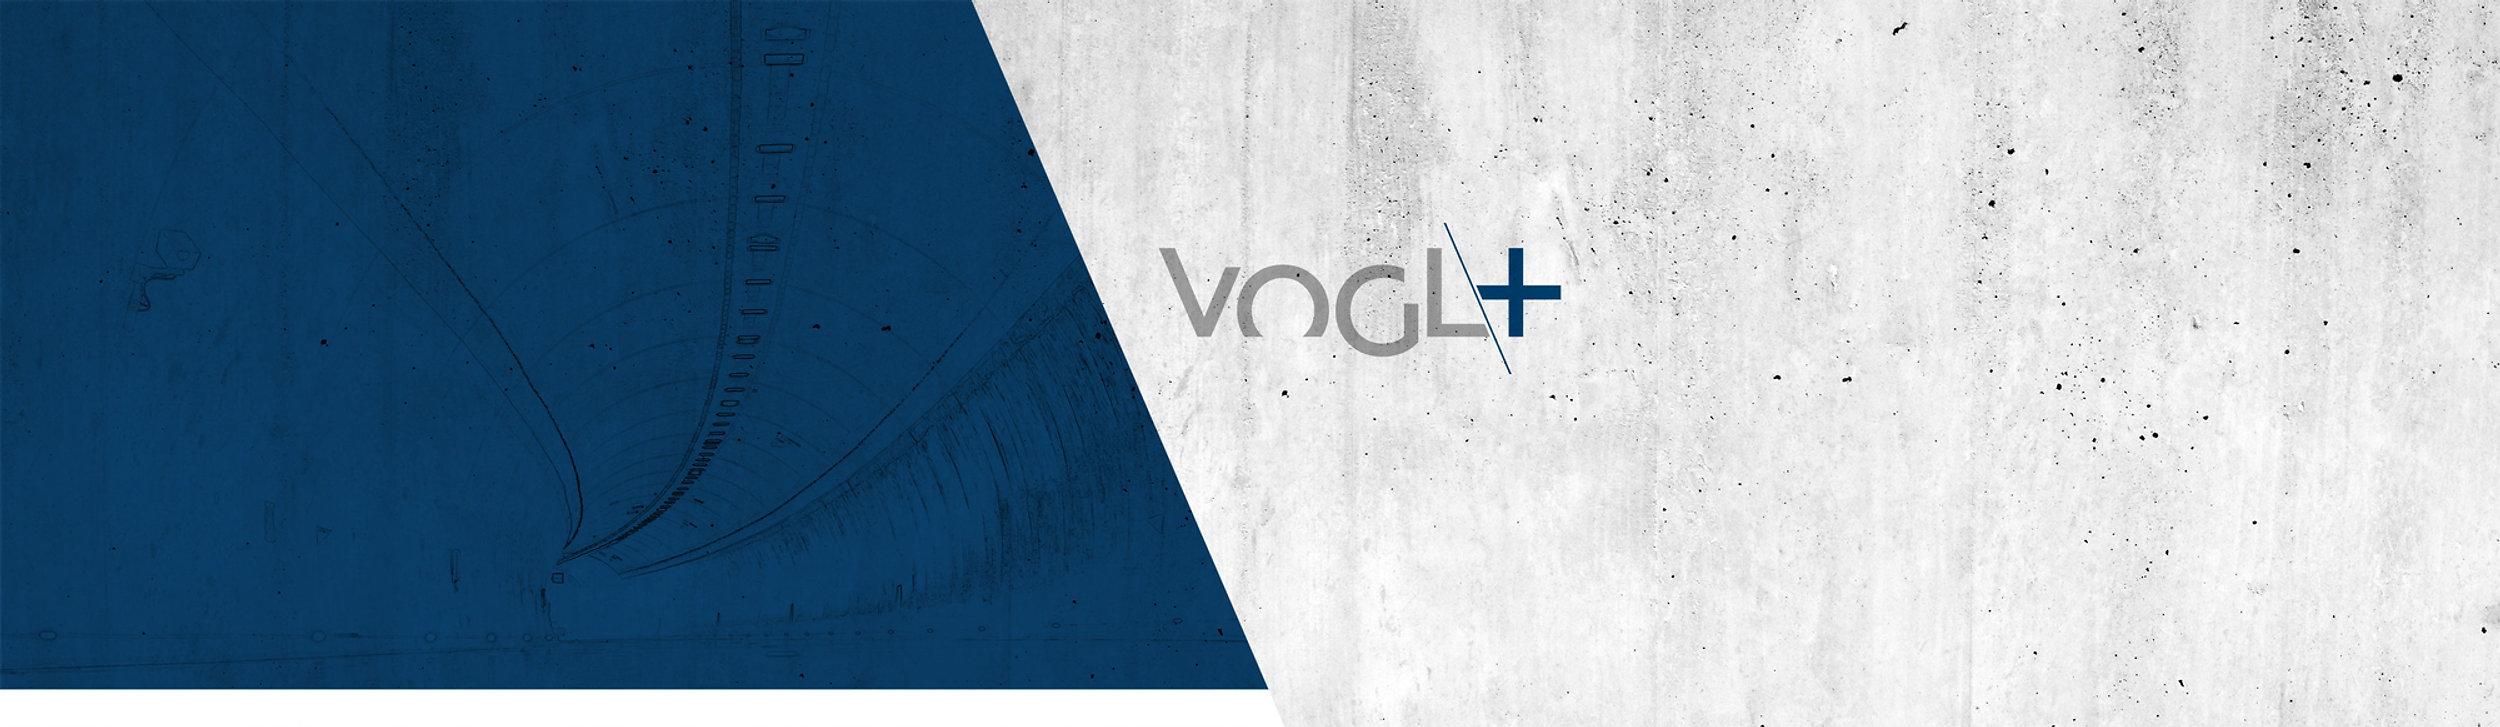 Vogl+ Bauwerksinstandsetzung, Abtragstechnik, Sonderlösungen